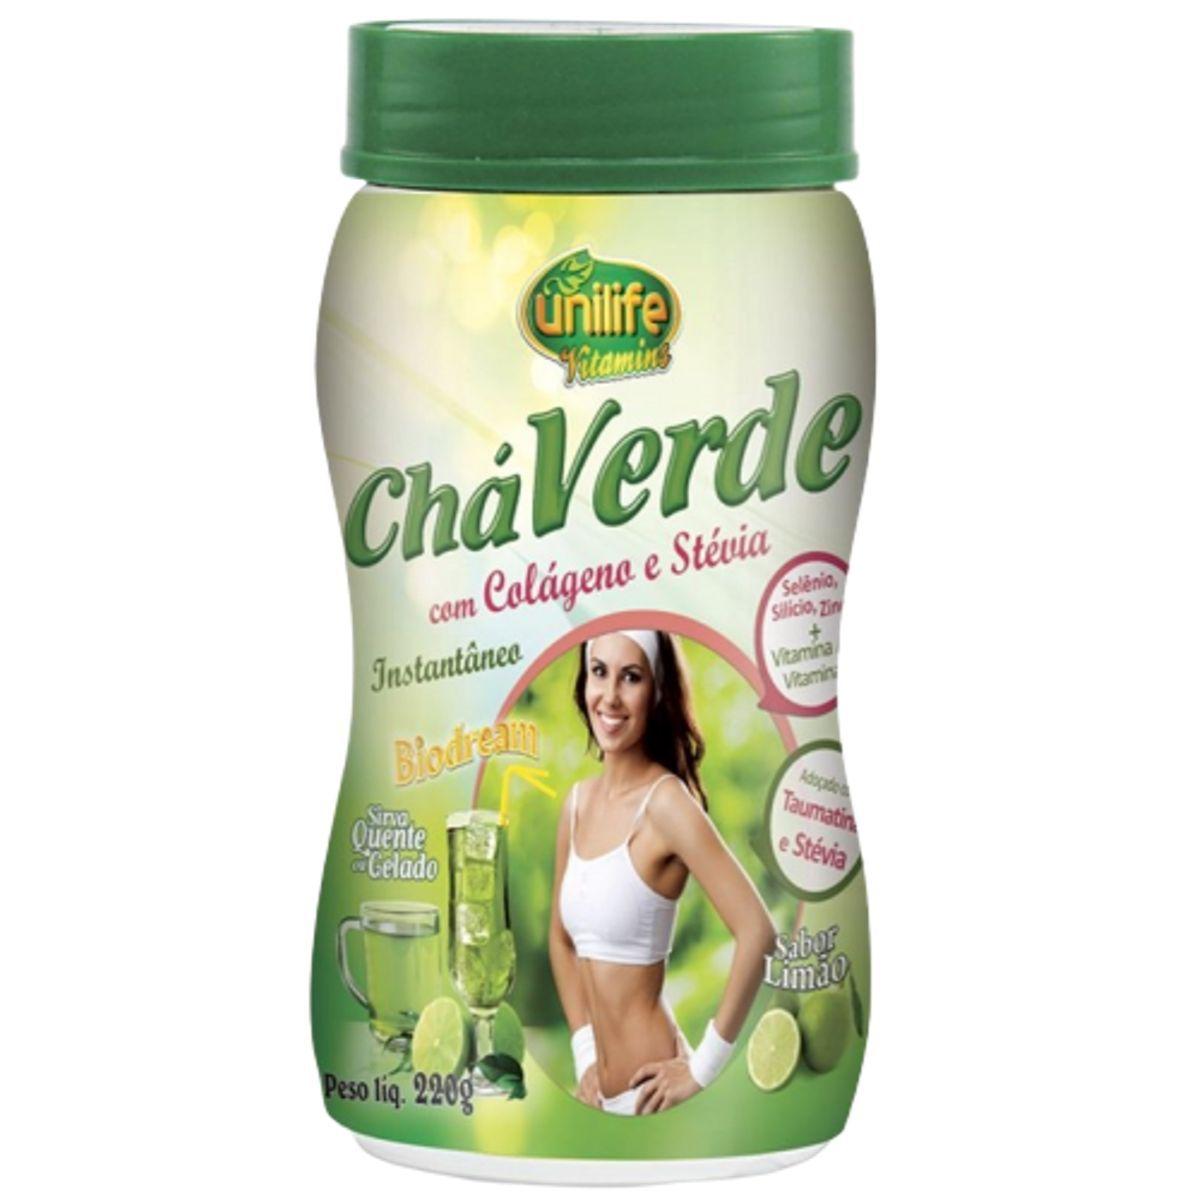 Chá Verde C/ Colágeno E Stévia 220g - Unilife